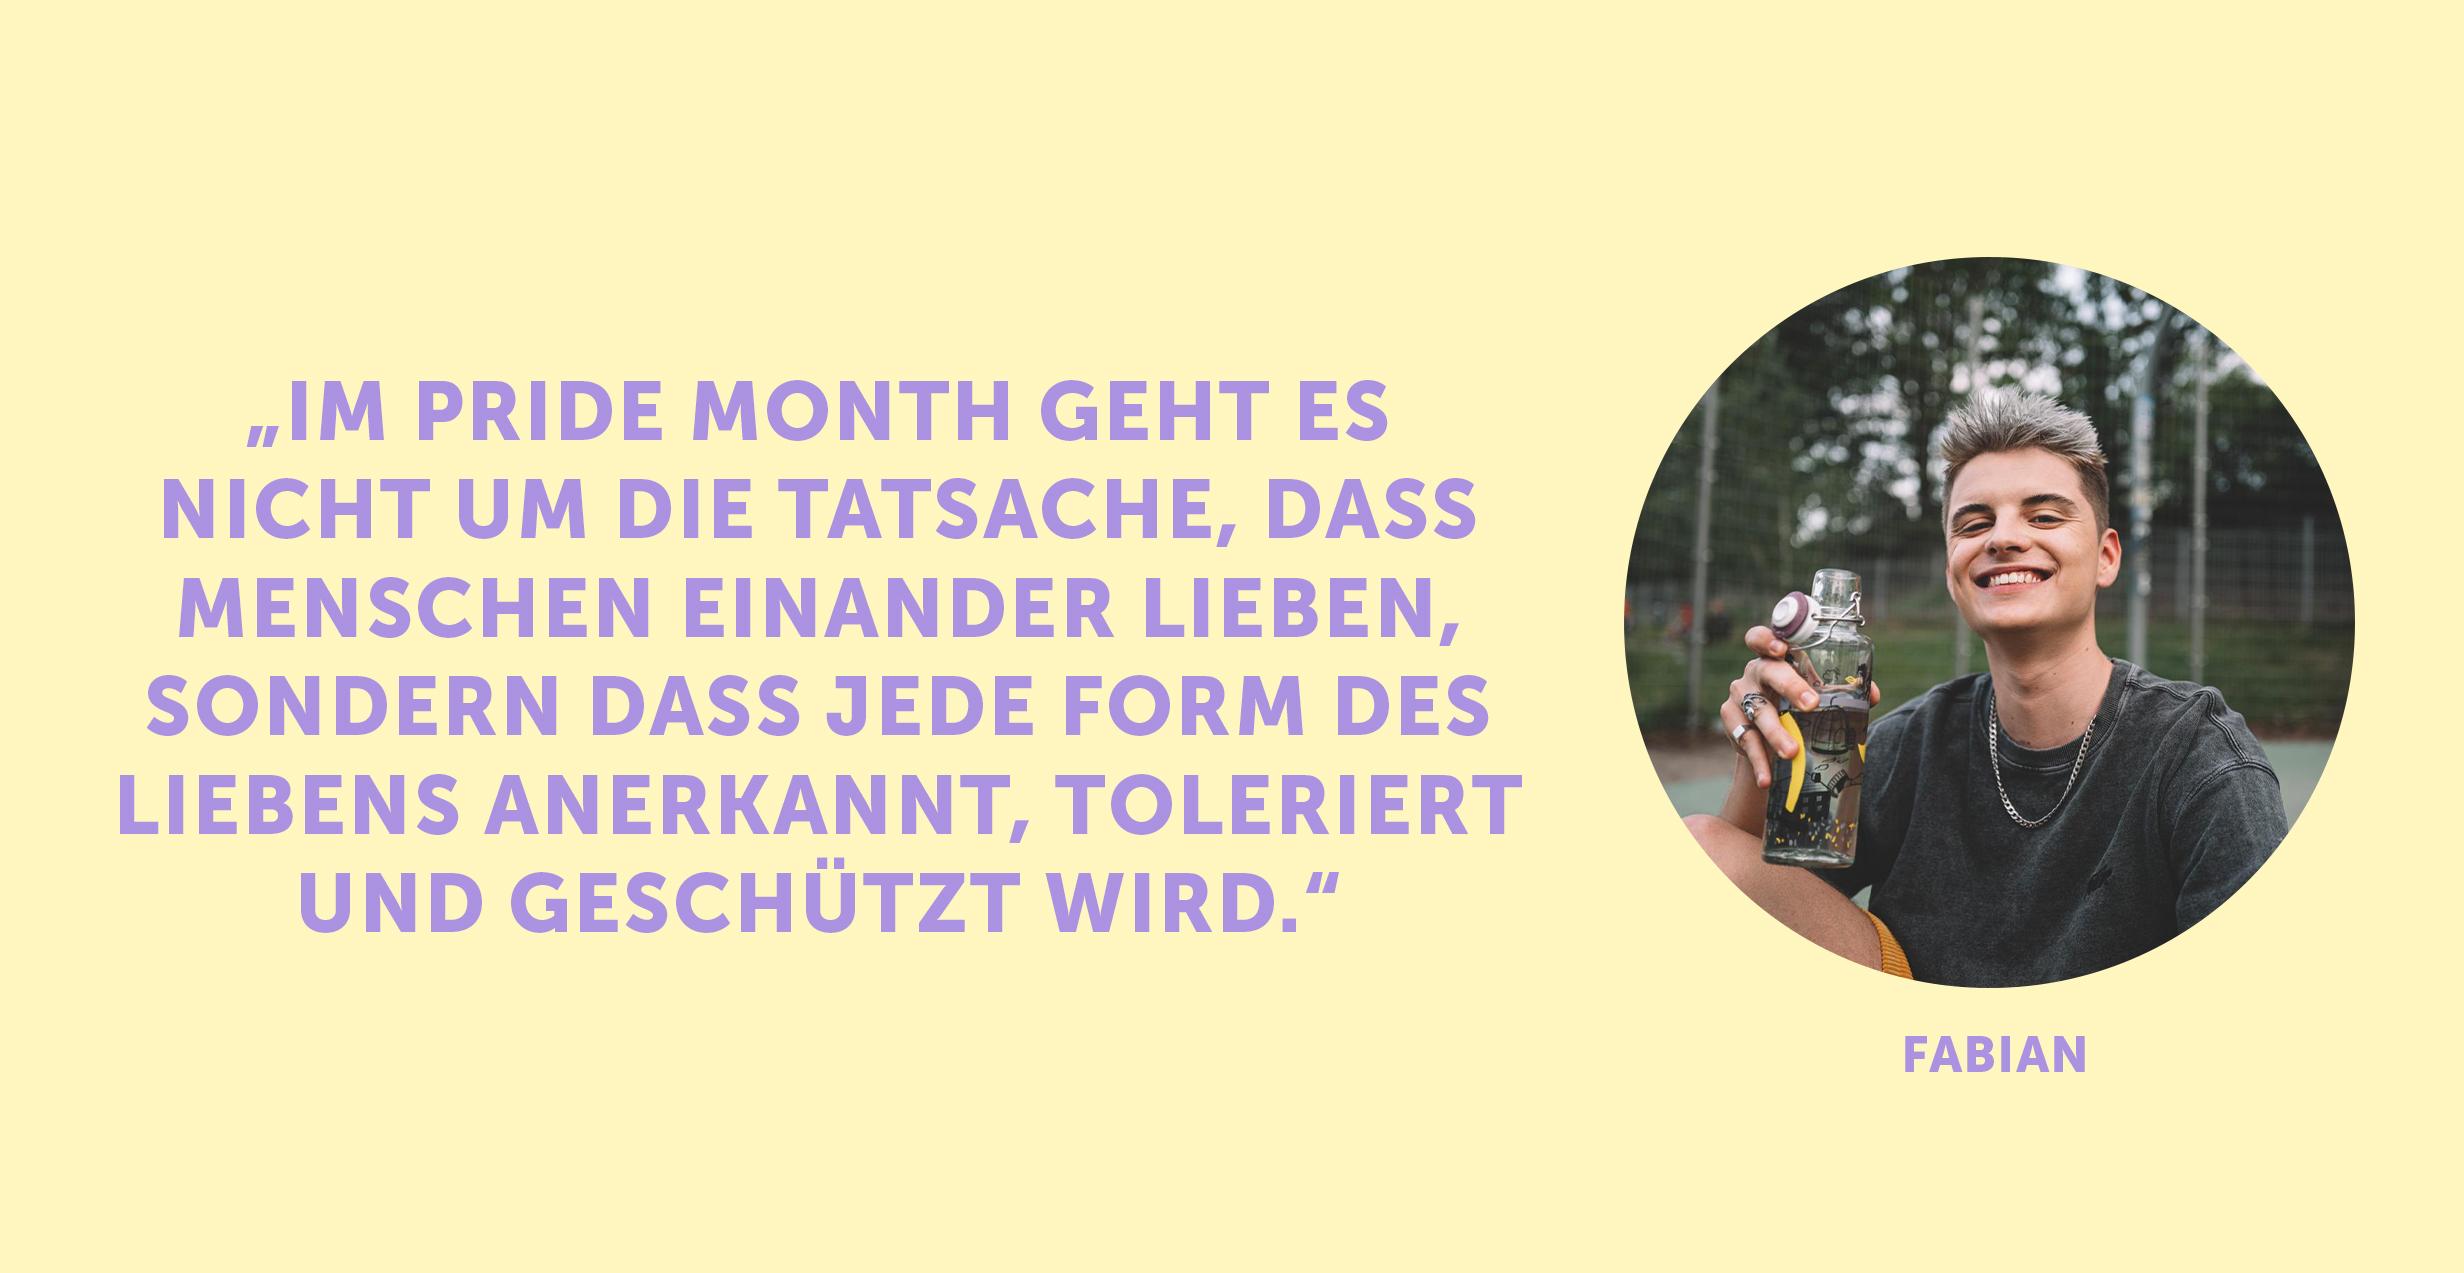 pride-month_Zeichenflache_fabian_zitat